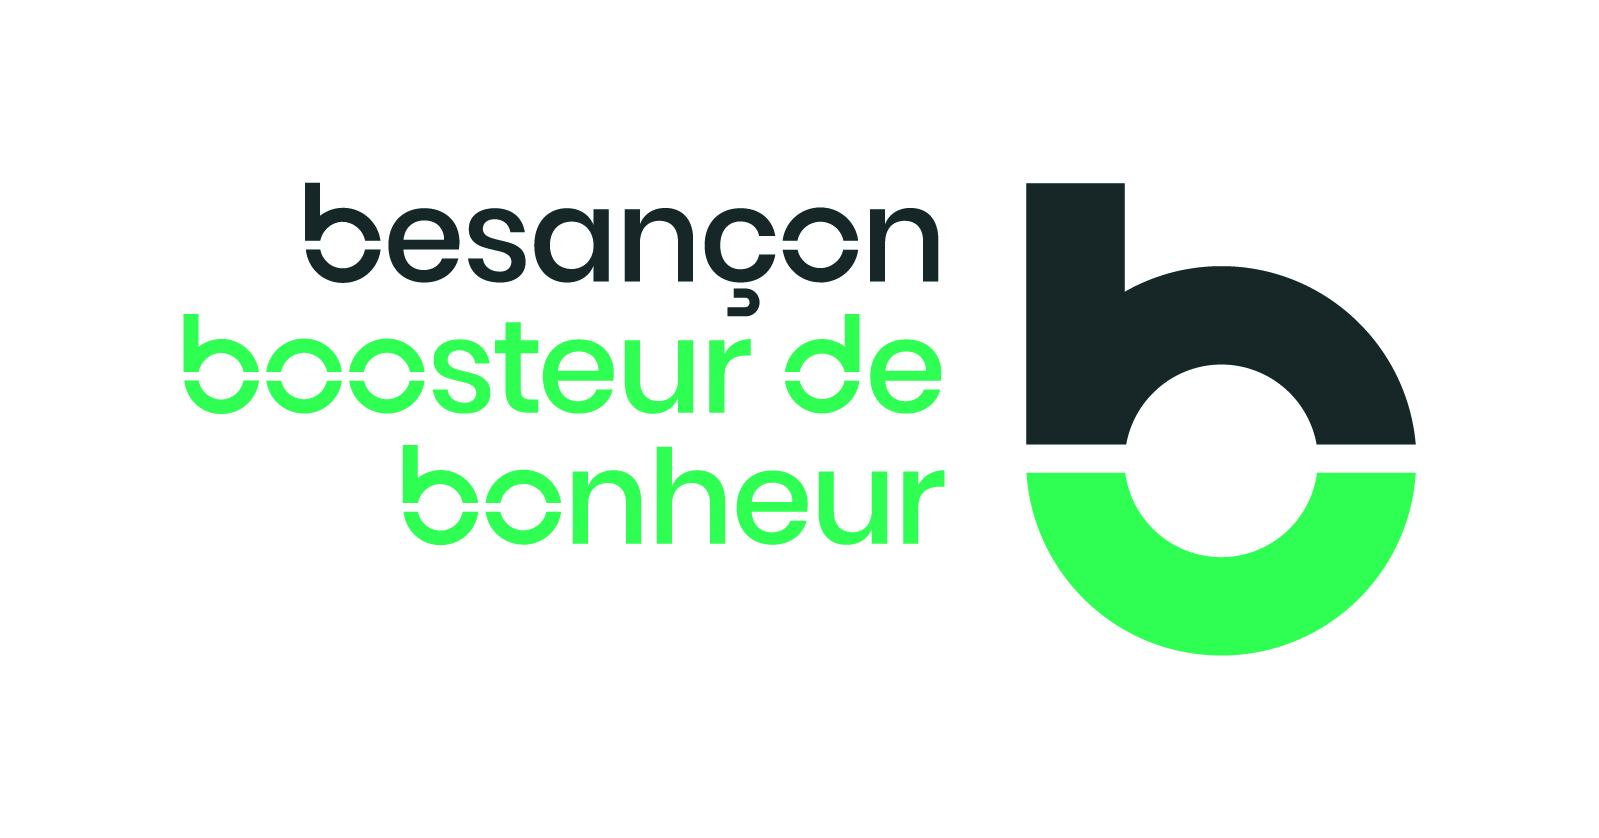 Besançon Boosteur de Bonheur